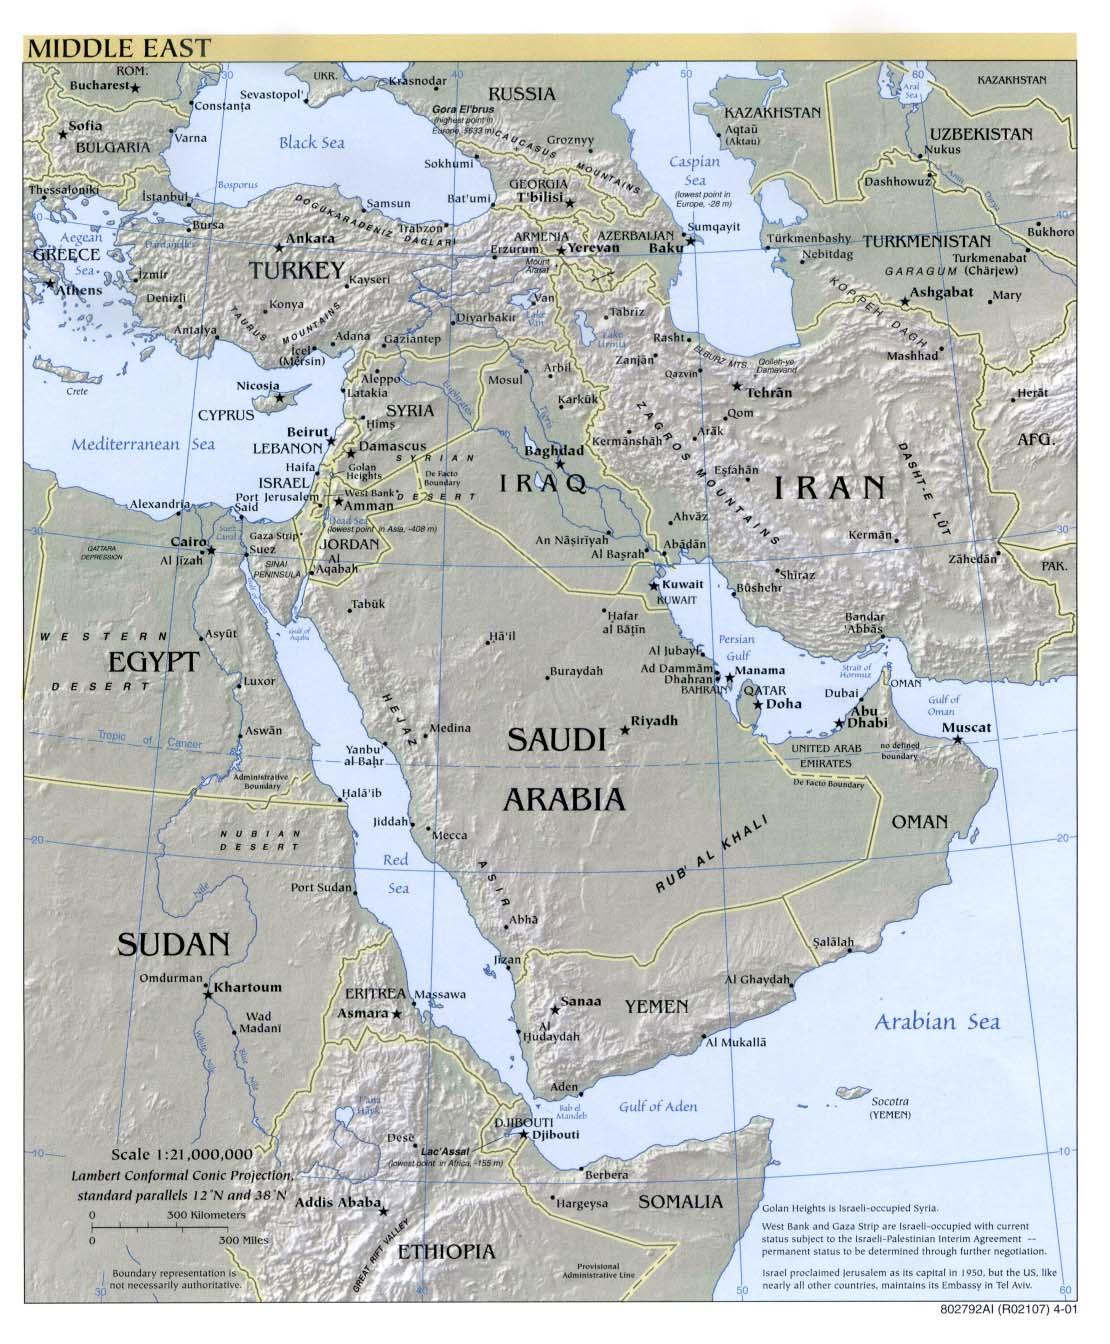 Mapa Físico de Oriente Medio 2001